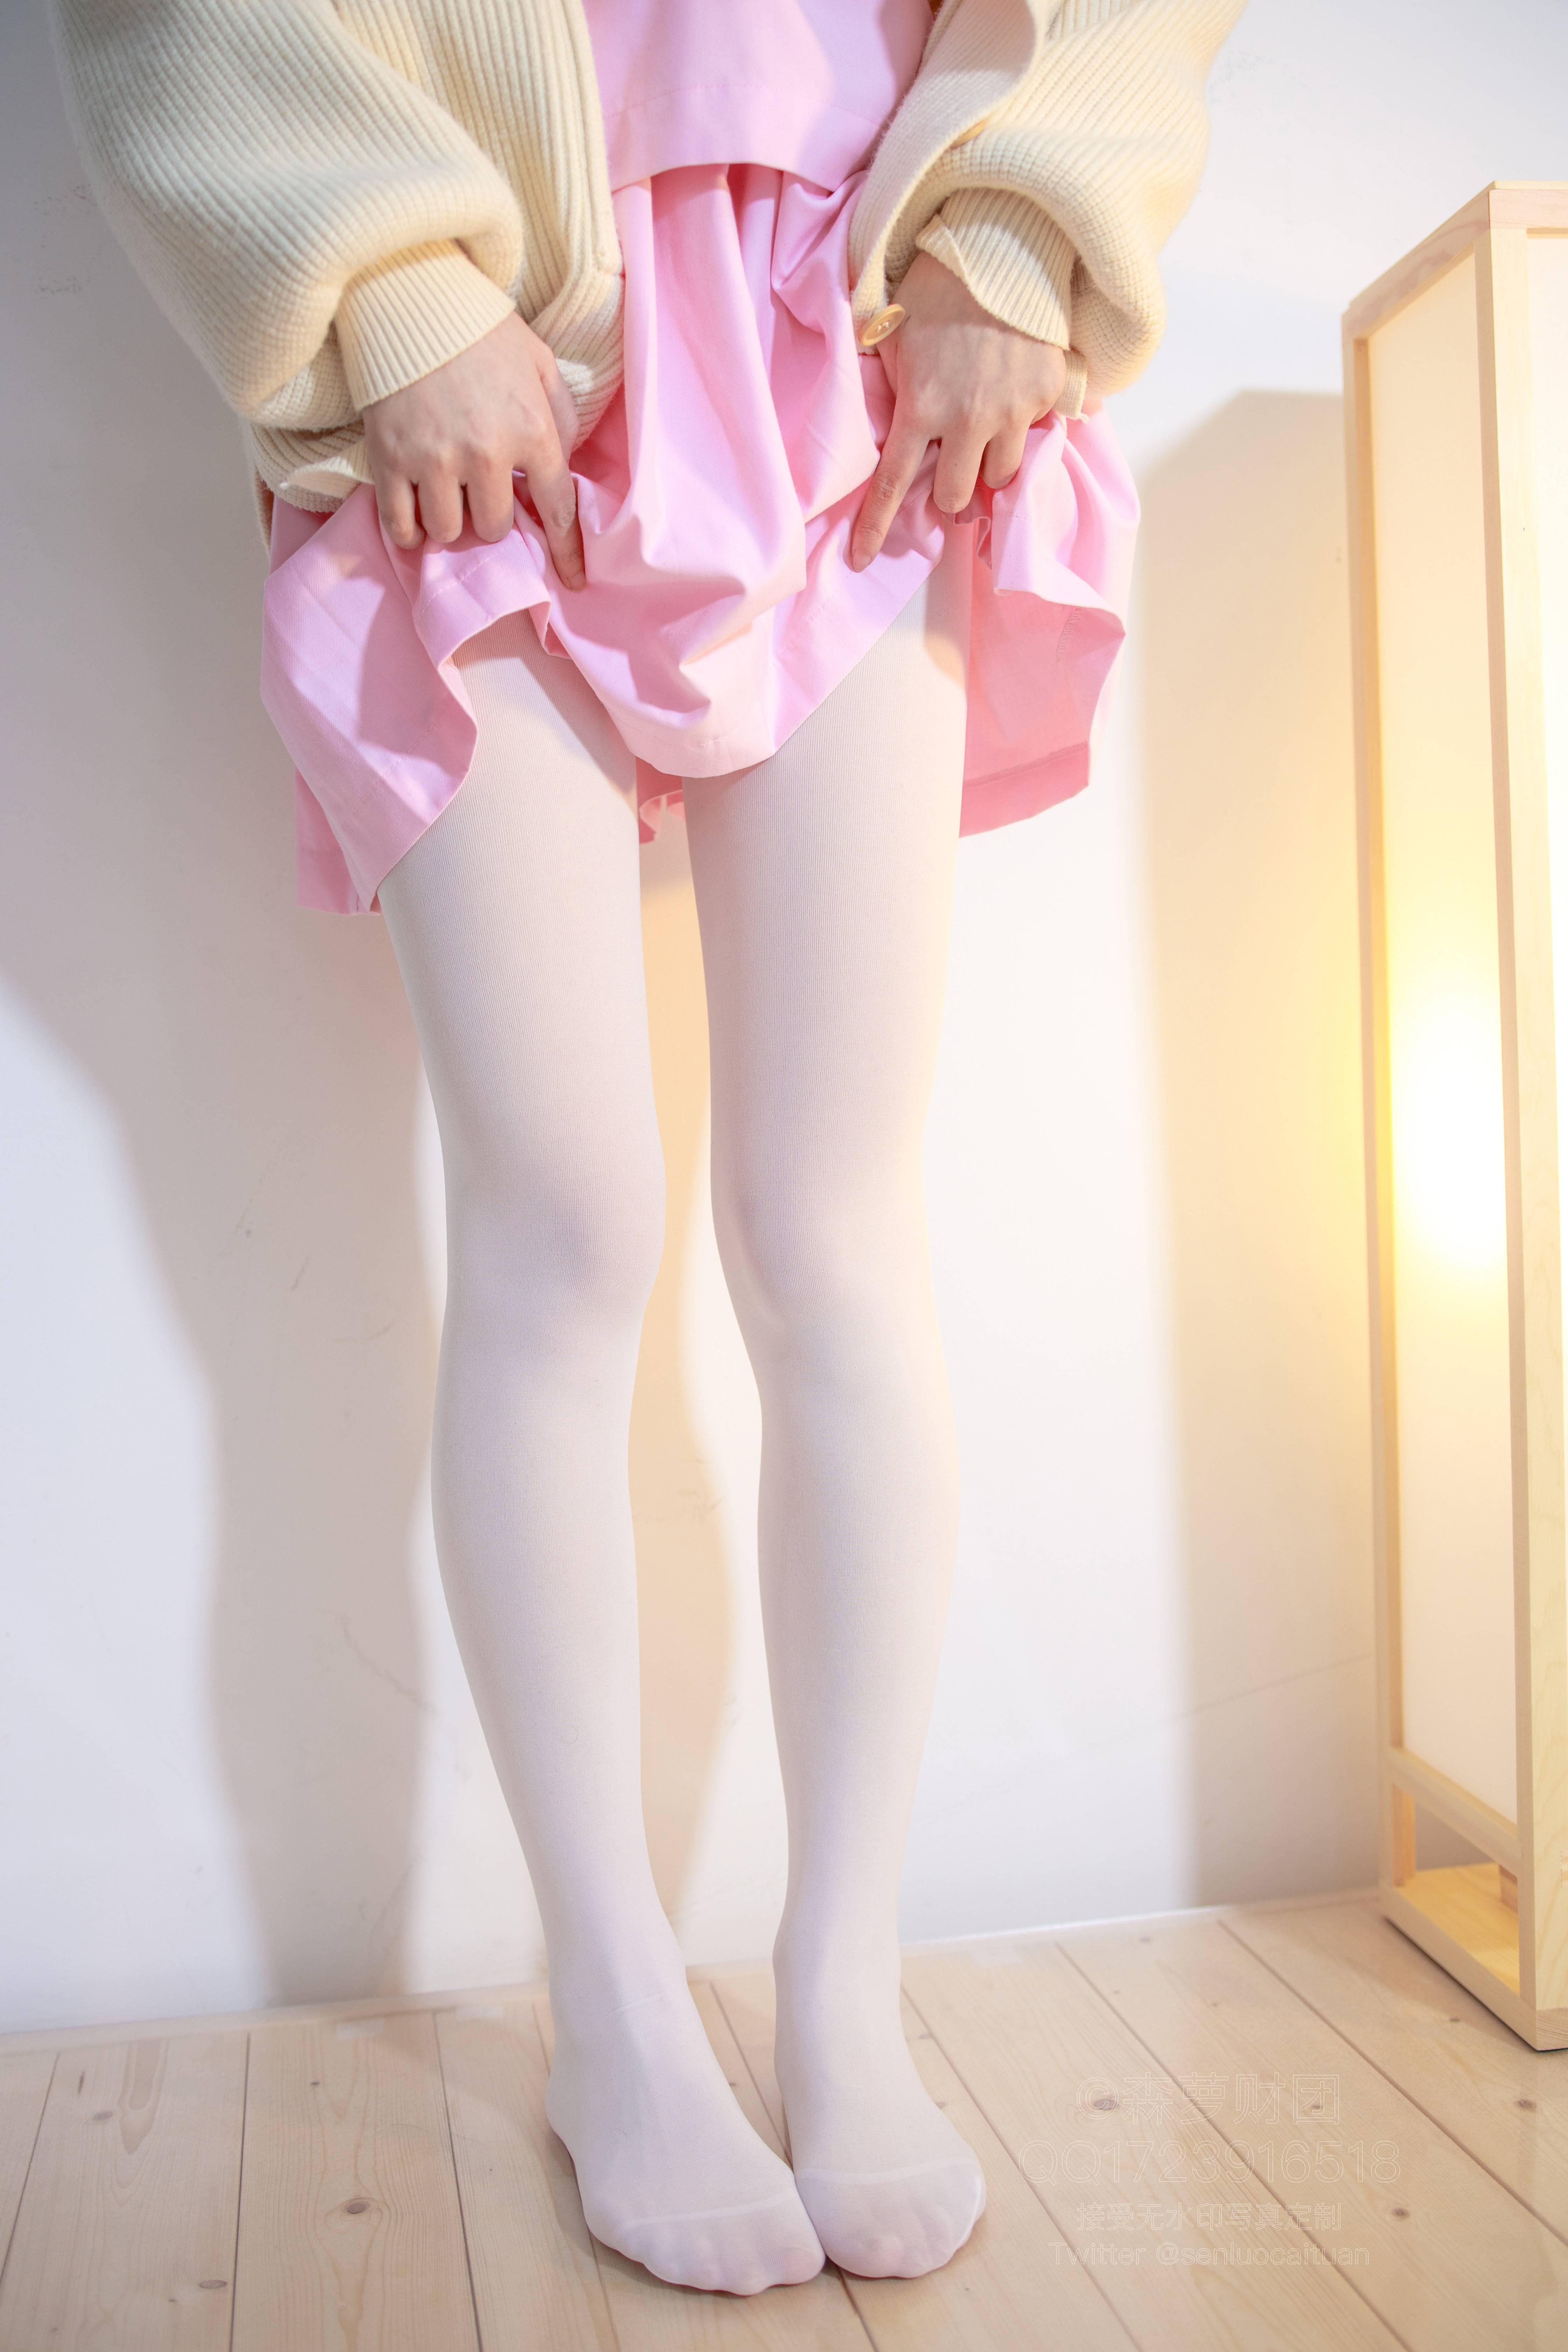 森萝财团 X-059(粉红短裙加白丝) 无水印